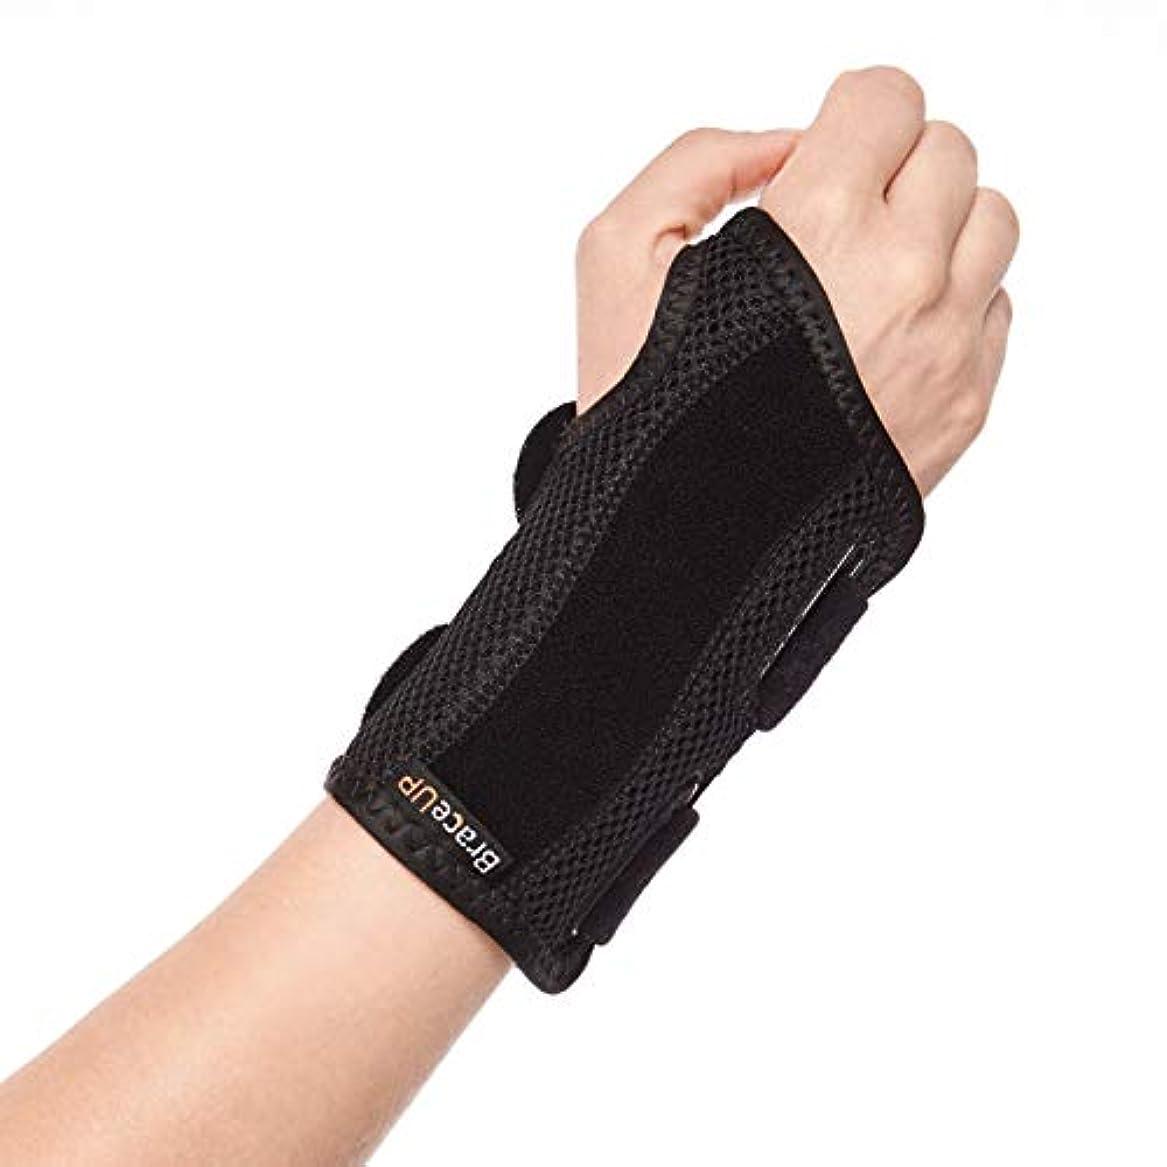 等しいカテゴリースリルBraceUP 手首 サポーター 手根管関節炎用の添え木付きリストサポートブレース 腱鞘炎 - 右手首 S/M 右手